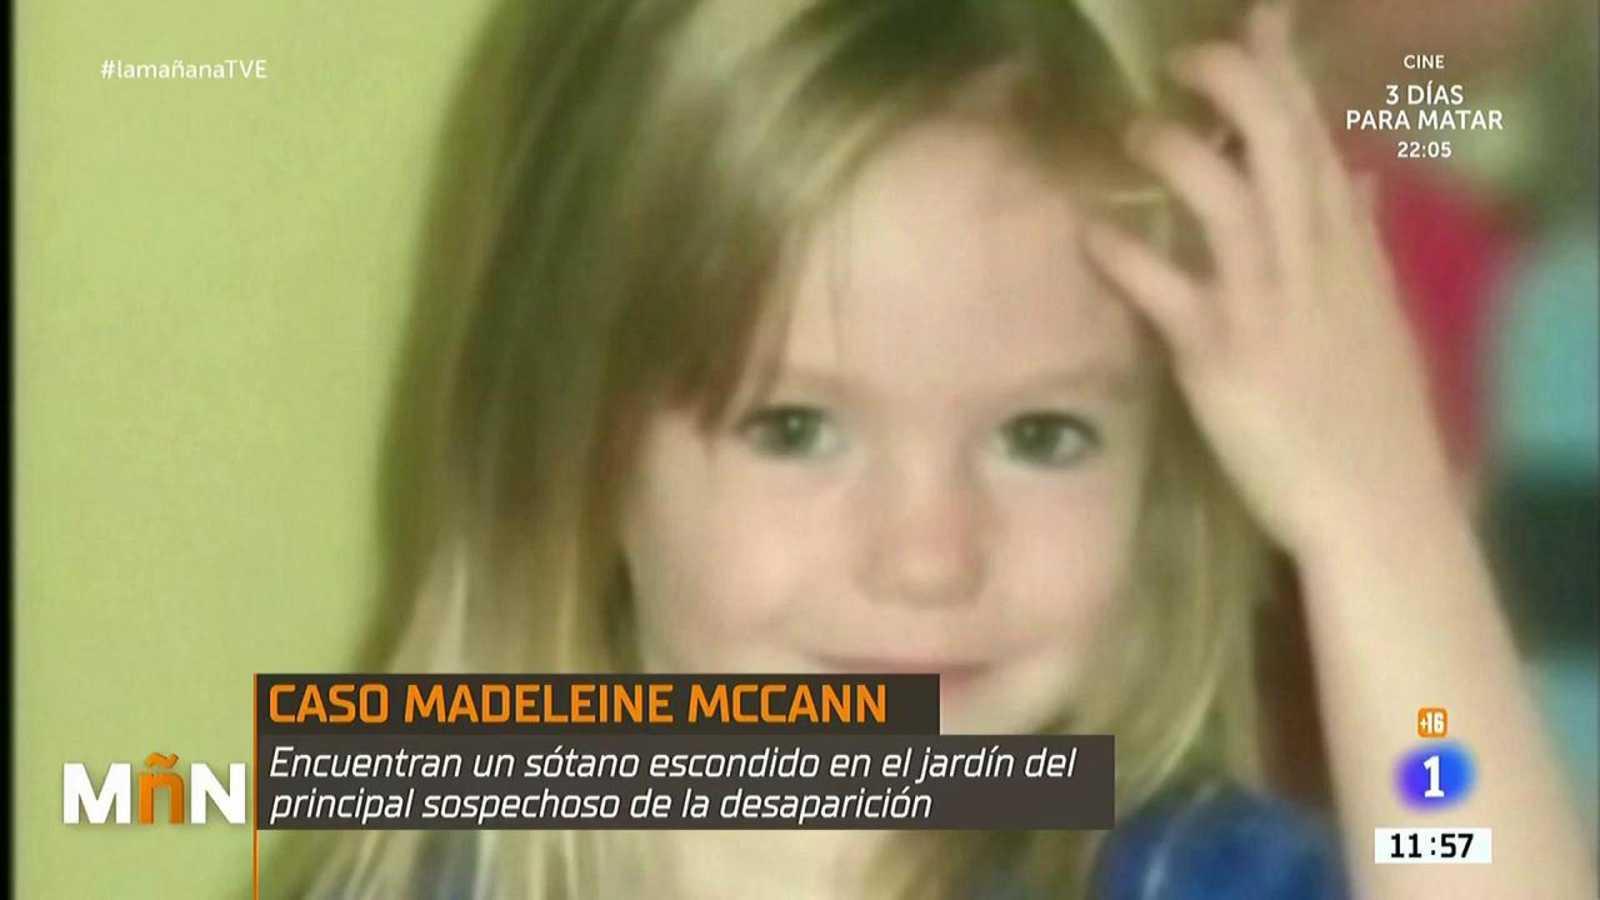 Caso Madeleine: Los investigadores encuentran un sótano secreto en una de las propiedades del principal sospechoso.